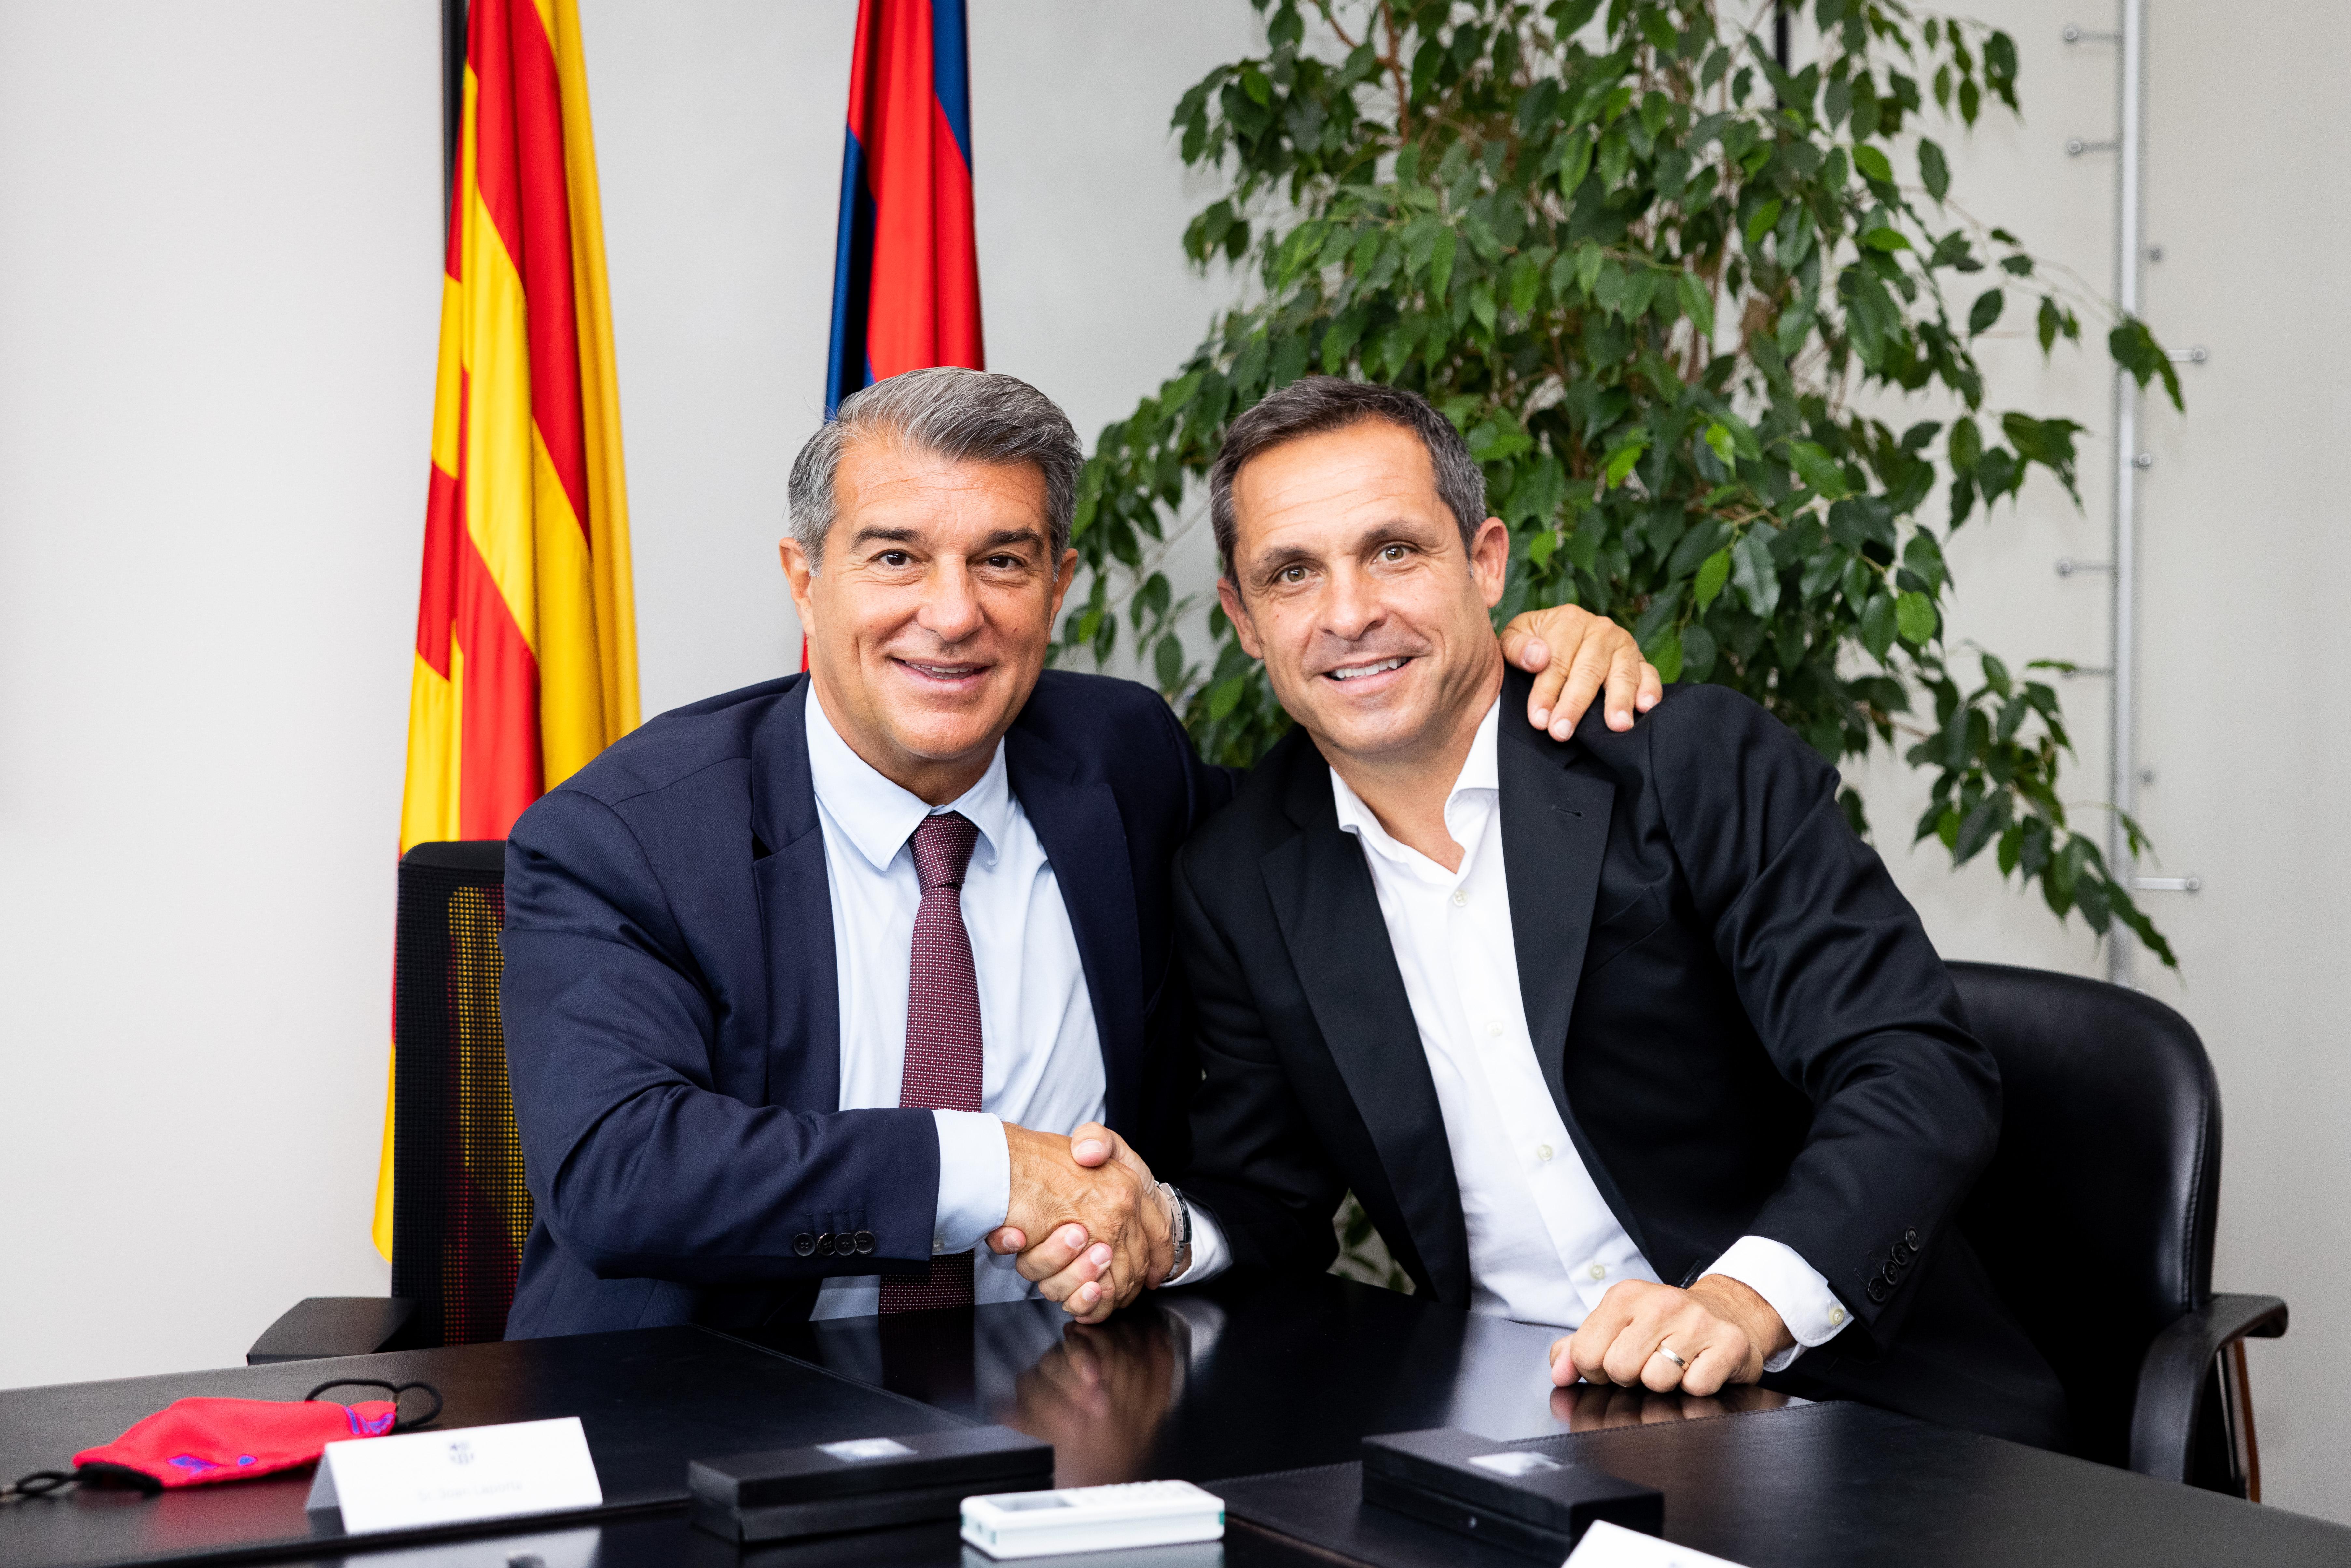 Sergi Barjuan làm huấn luyện viên của Barça B